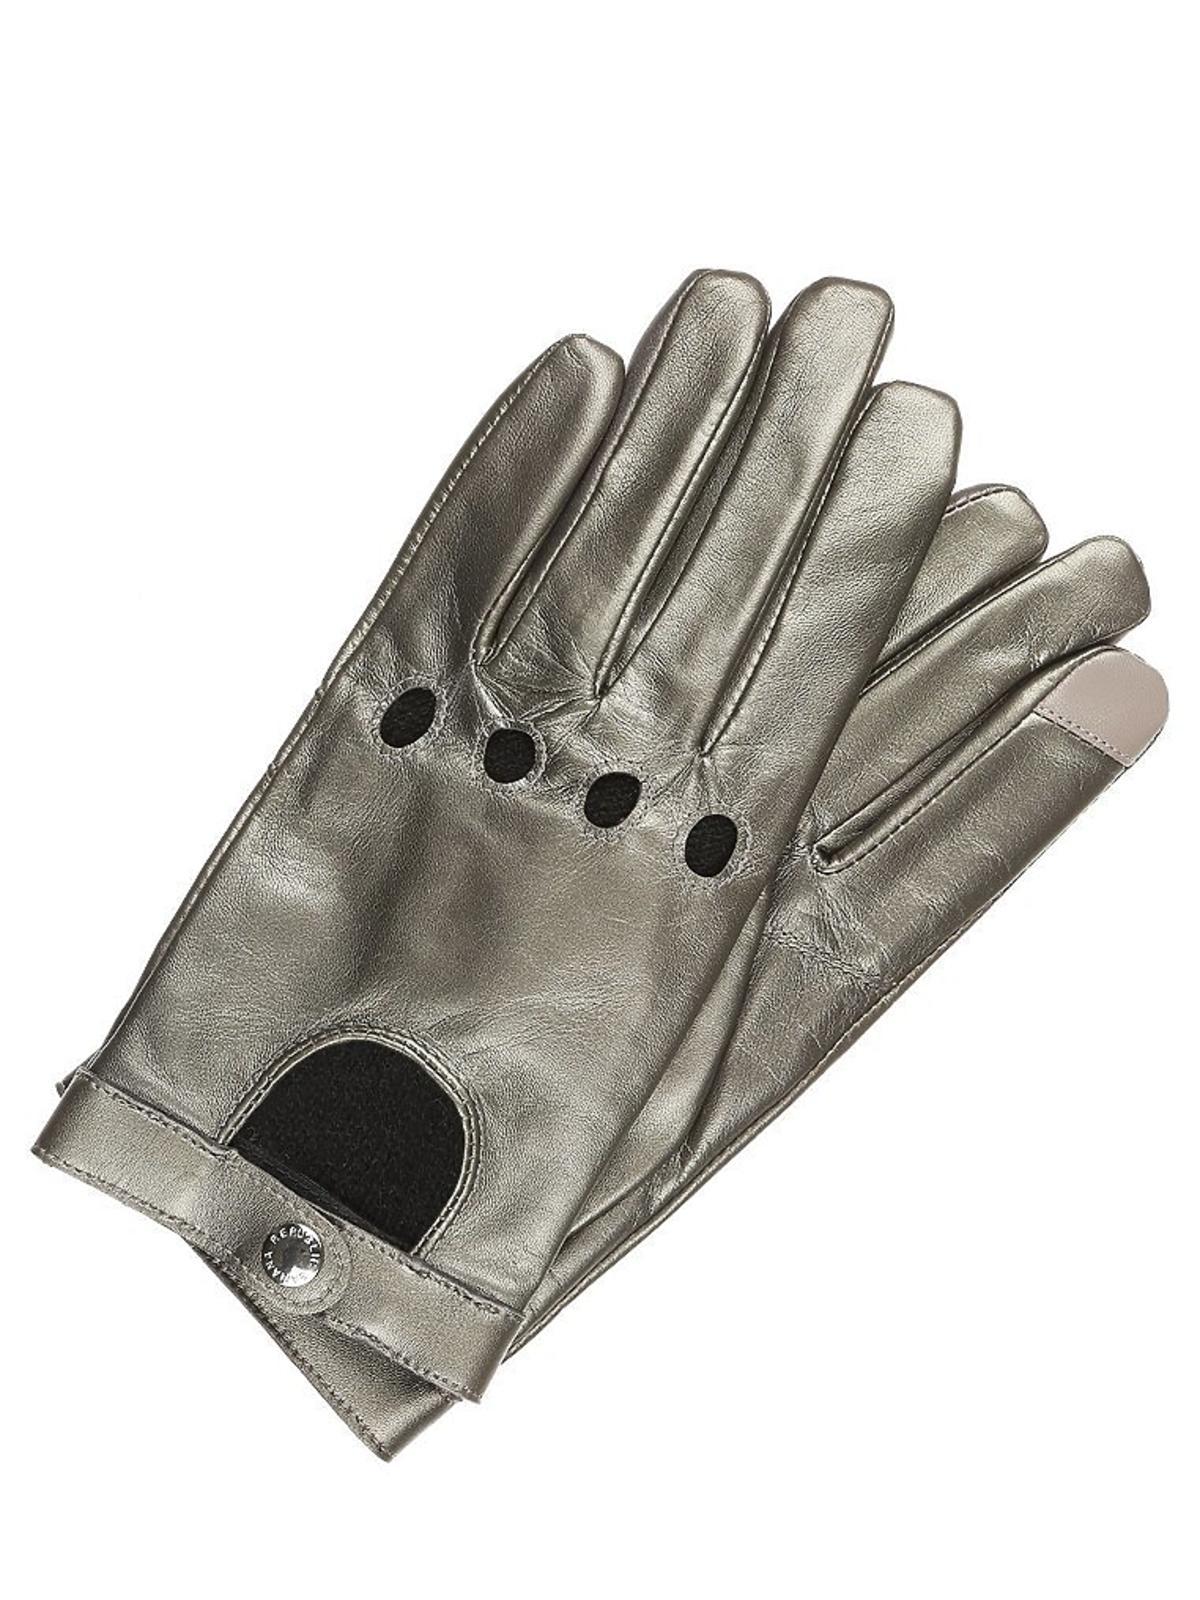 mataliczne rękawiczki z dziurkami